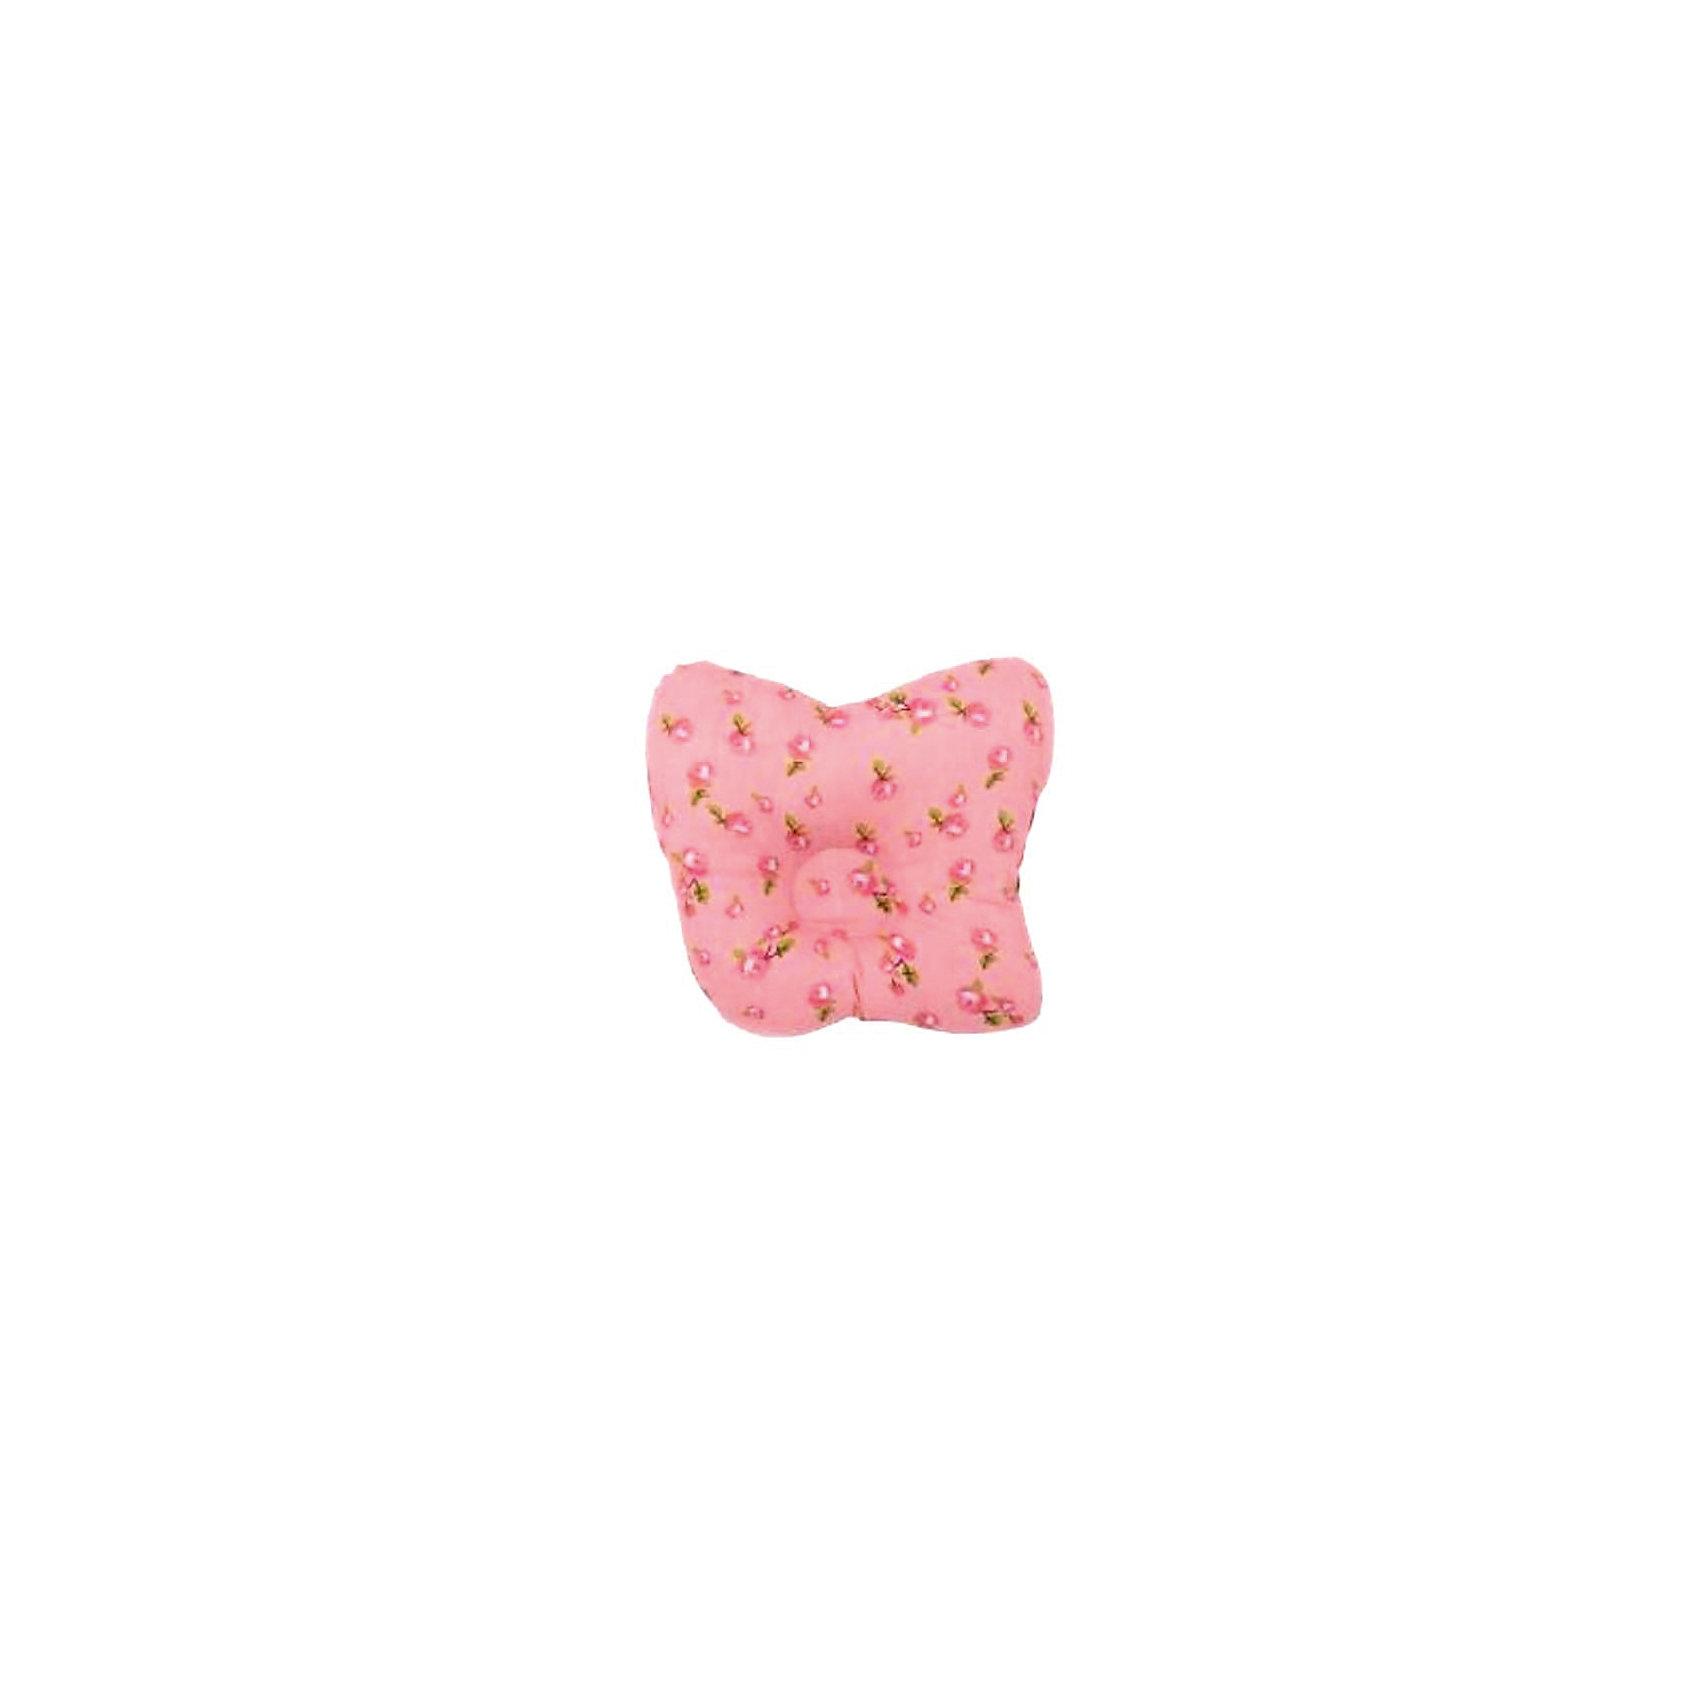 Подушка анатомическая Гусиная лапка, Leader Kids, розовый, бязьПодушки<br>Подушка анатомическая Гусиная лапка, Leader kids, розовый, бязь ? подушка предназначена для новорожденных. Имеет анатомическую форму с ортопедическими свойствами. Подушка выполнена в форме бабочки, в середине имеется углубление, такая форма позволяет снизить нагрузку на шейный отдел младенца. Верх подушки изготовлен из прочной бязи, в качестве наполнителя использован полиэстер, который обладает высокими гипоаллергенными свойствами. Изделие долгое время сохраняет форму, достаточно легкое в уходе. <br>Подушка анатомическая Гусиная лапка, Leader kids, розовый, бязь обеспечит ребенку не только крепкий и здоровый сон, но и послужит профилактикой развития кривошеи. Подушки от Leader kids ? это удобство, комфорт и безопасность для вашего ребенка!<br><br>Дополнительная информация:<br><br>- Предназначение: для отдыха, для сна<br>- Материал: бязь, 100% хлопок<br>- Наполнитель: полиэстер<br>- Цвет: розовый<br>- Размеры (Д*Ш*В): 25*25*30 см<br>- Вес: 200 г<br>- Особенности ухода: разрешается стирка при температуре не более 40 градусов<br><br>Подробнее:<br><br>• Для детей в возрасте от 0 месяцев и до 3 лет<br>• Страна производитель: Россия<br>• Торговый бренд: Leader kids<br><br>Подушка анатомическая Гусиная лапка, Leader kids, синий, бязь можно купить в нашем интернет-магазине.<br><br>Ширина мм: 250<br>Глубина мм: 25<br>Высота мм: 30<br>Вес г: 200<br>Возраст от месяцев: 0<br>Возраст до месяцев: 6<br>Пол: Женский<br>Возраст: Детский<br>SKU: 5117193